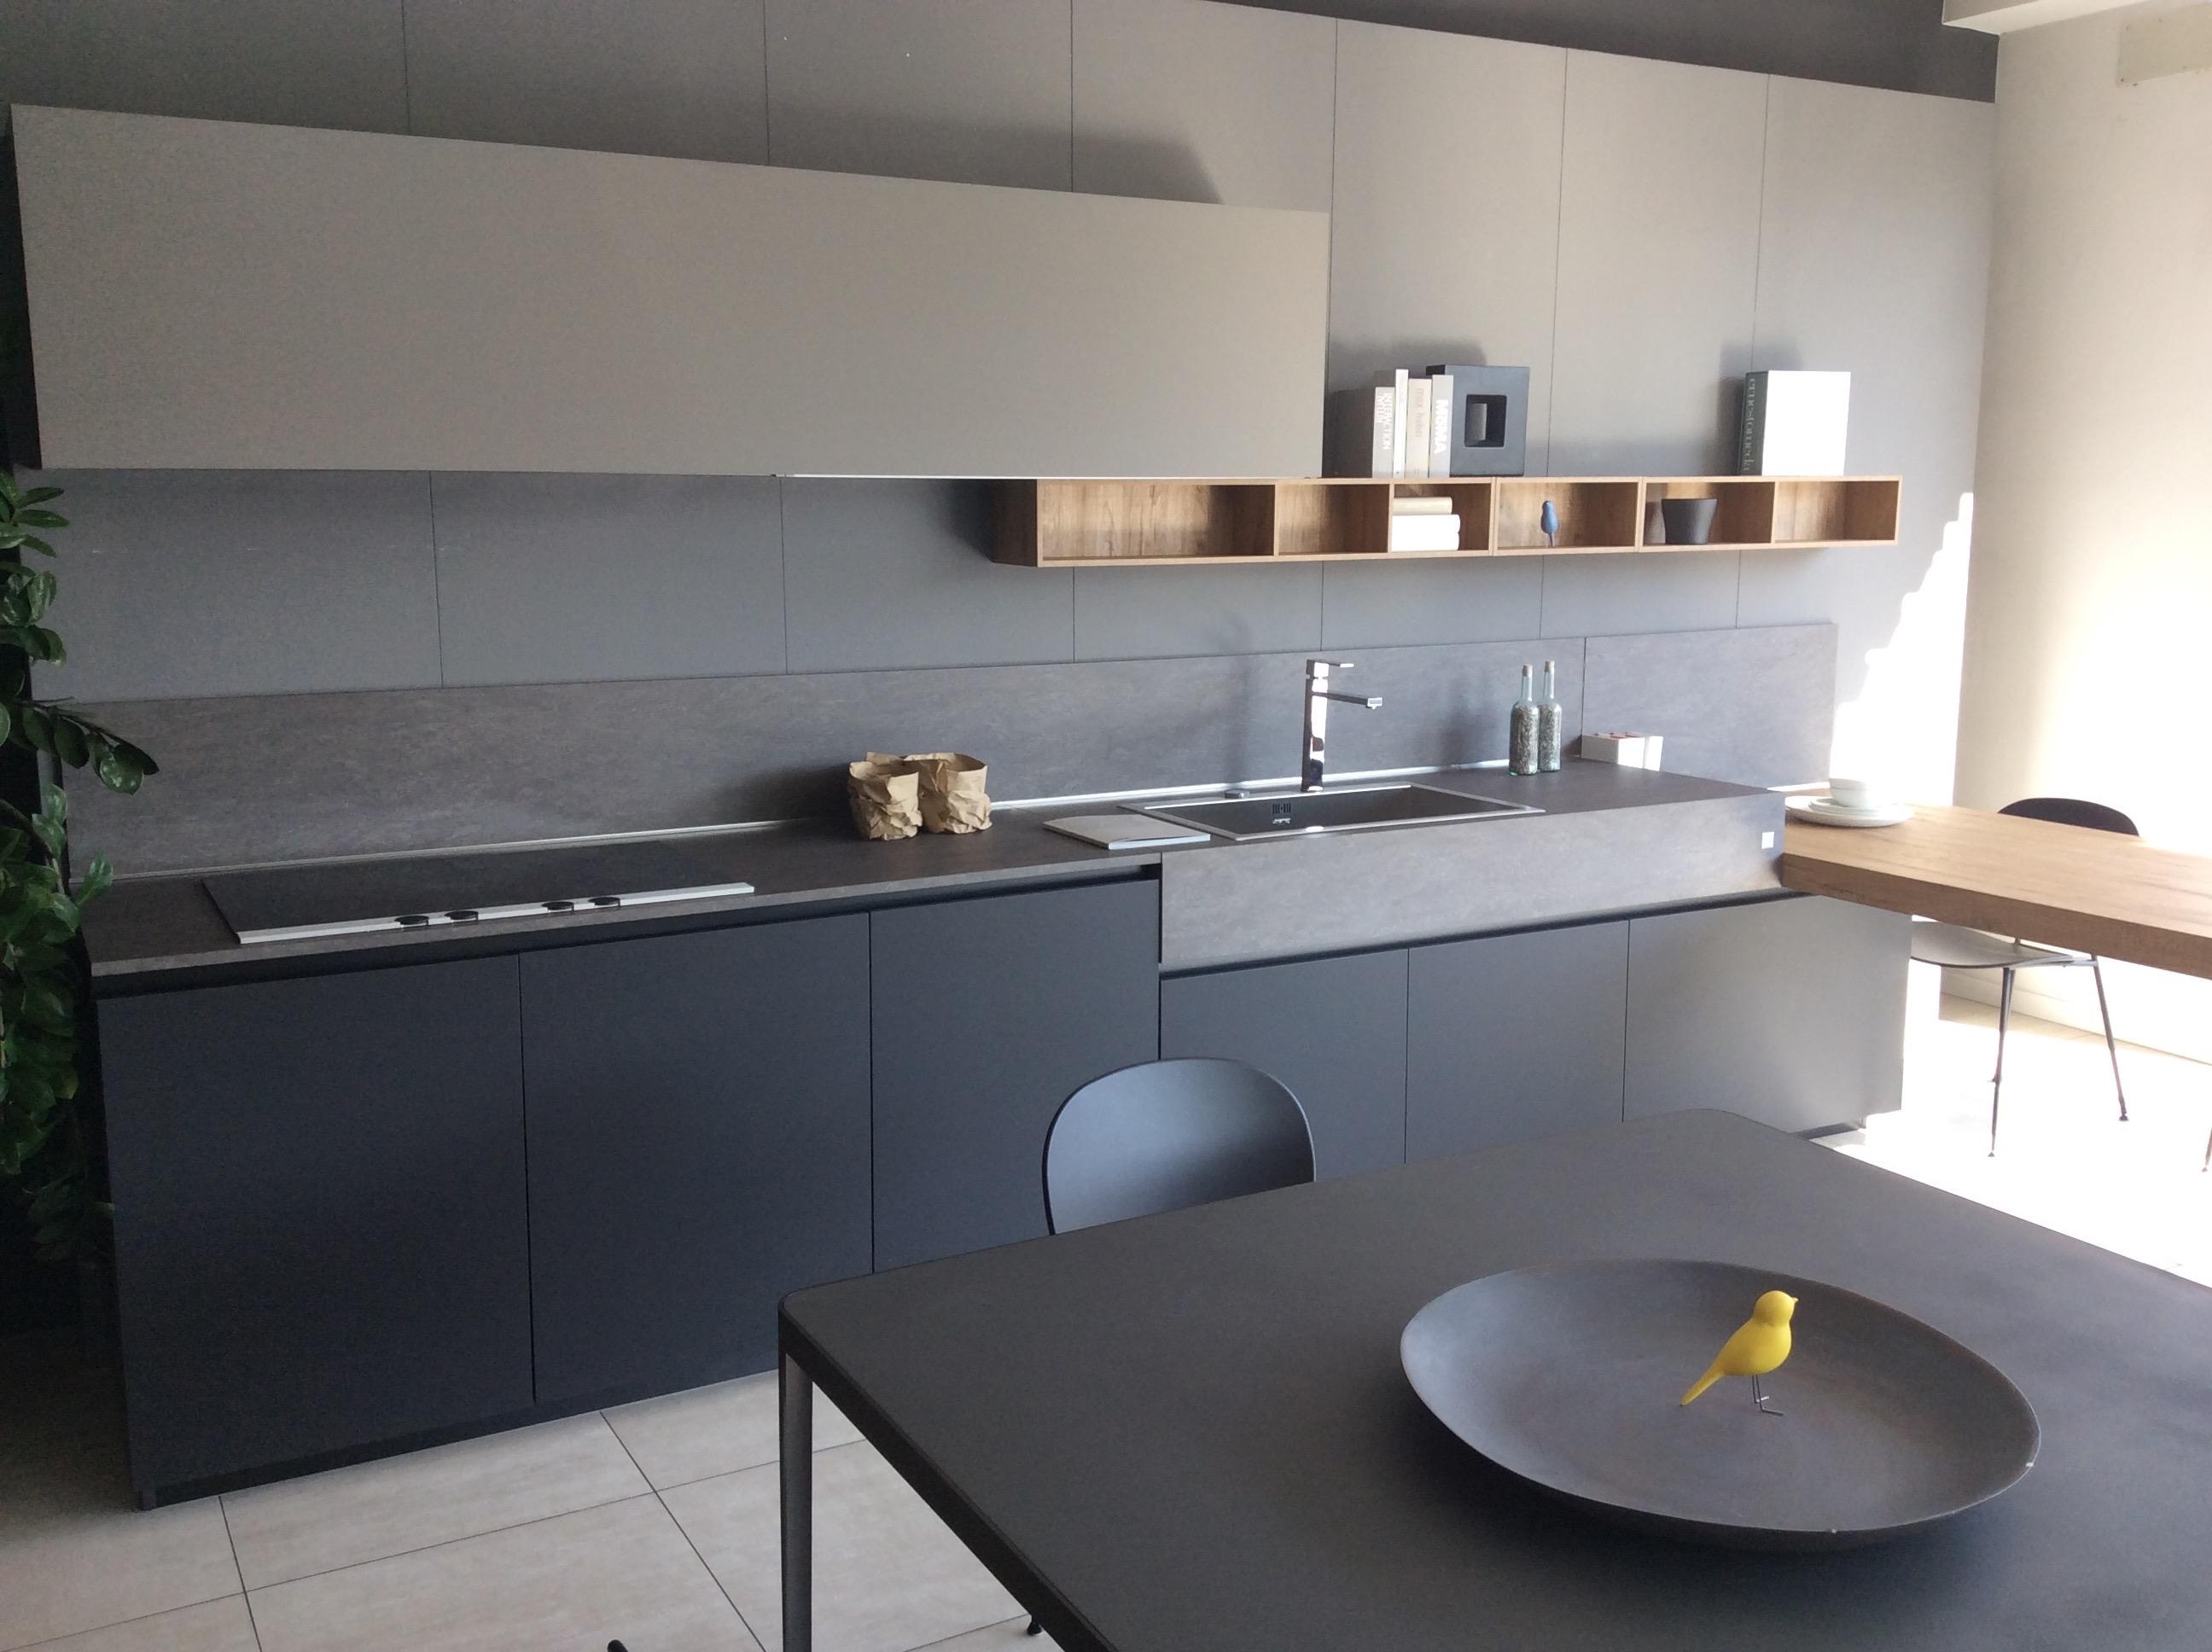 Cucina Ernestomeda One80 Design - Cucine a prezzi scontati